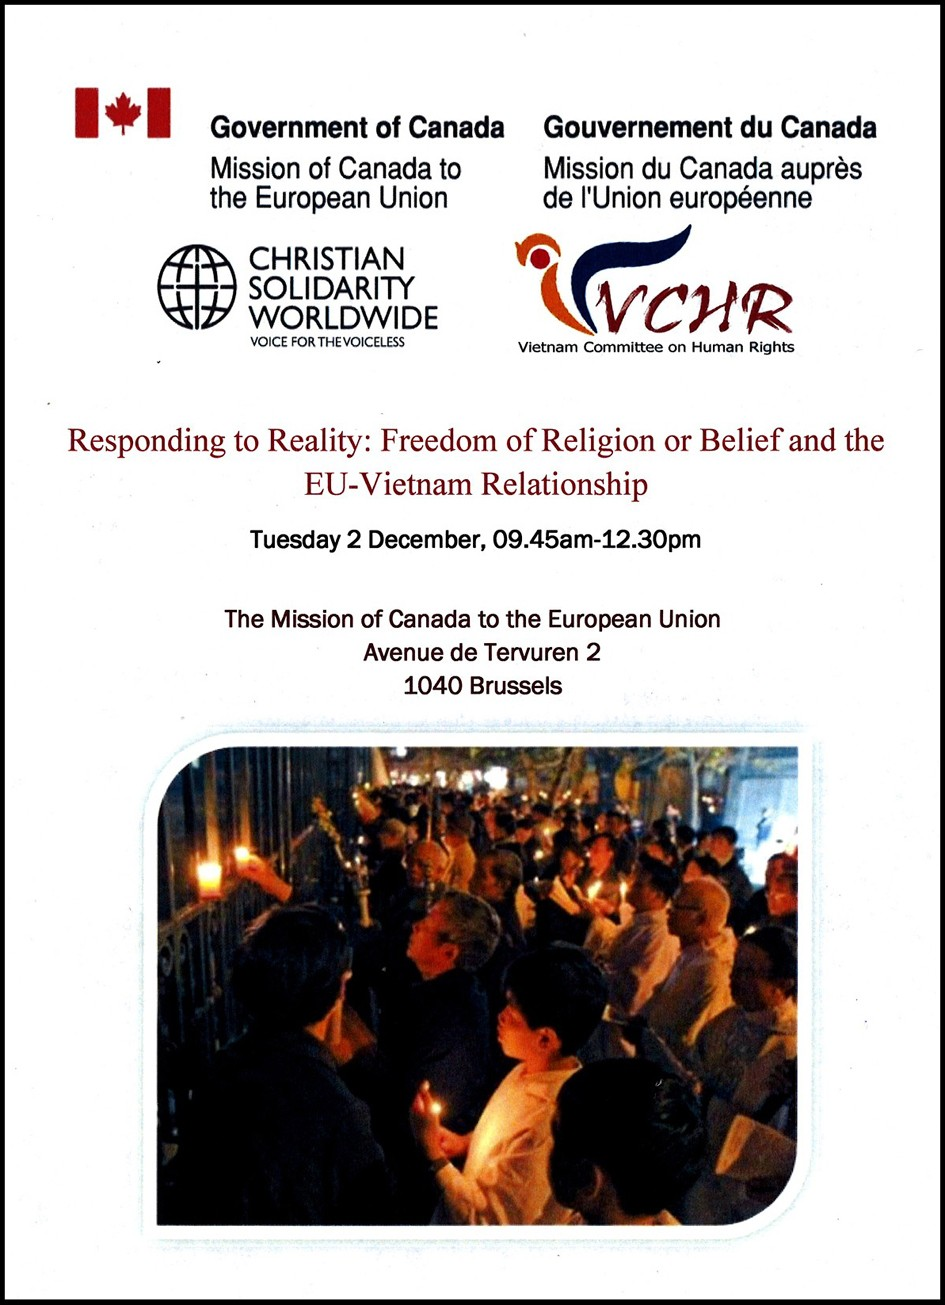 Đại sứ quán Gia Nã Đại cạnh Liên Âu hợp tác với Quê Mẹ & Uỷ ban Bảo vệ Quyền Làm Người Việt Nam và Christian Solidarity Worldwide tổ chức cuộc Hội luận